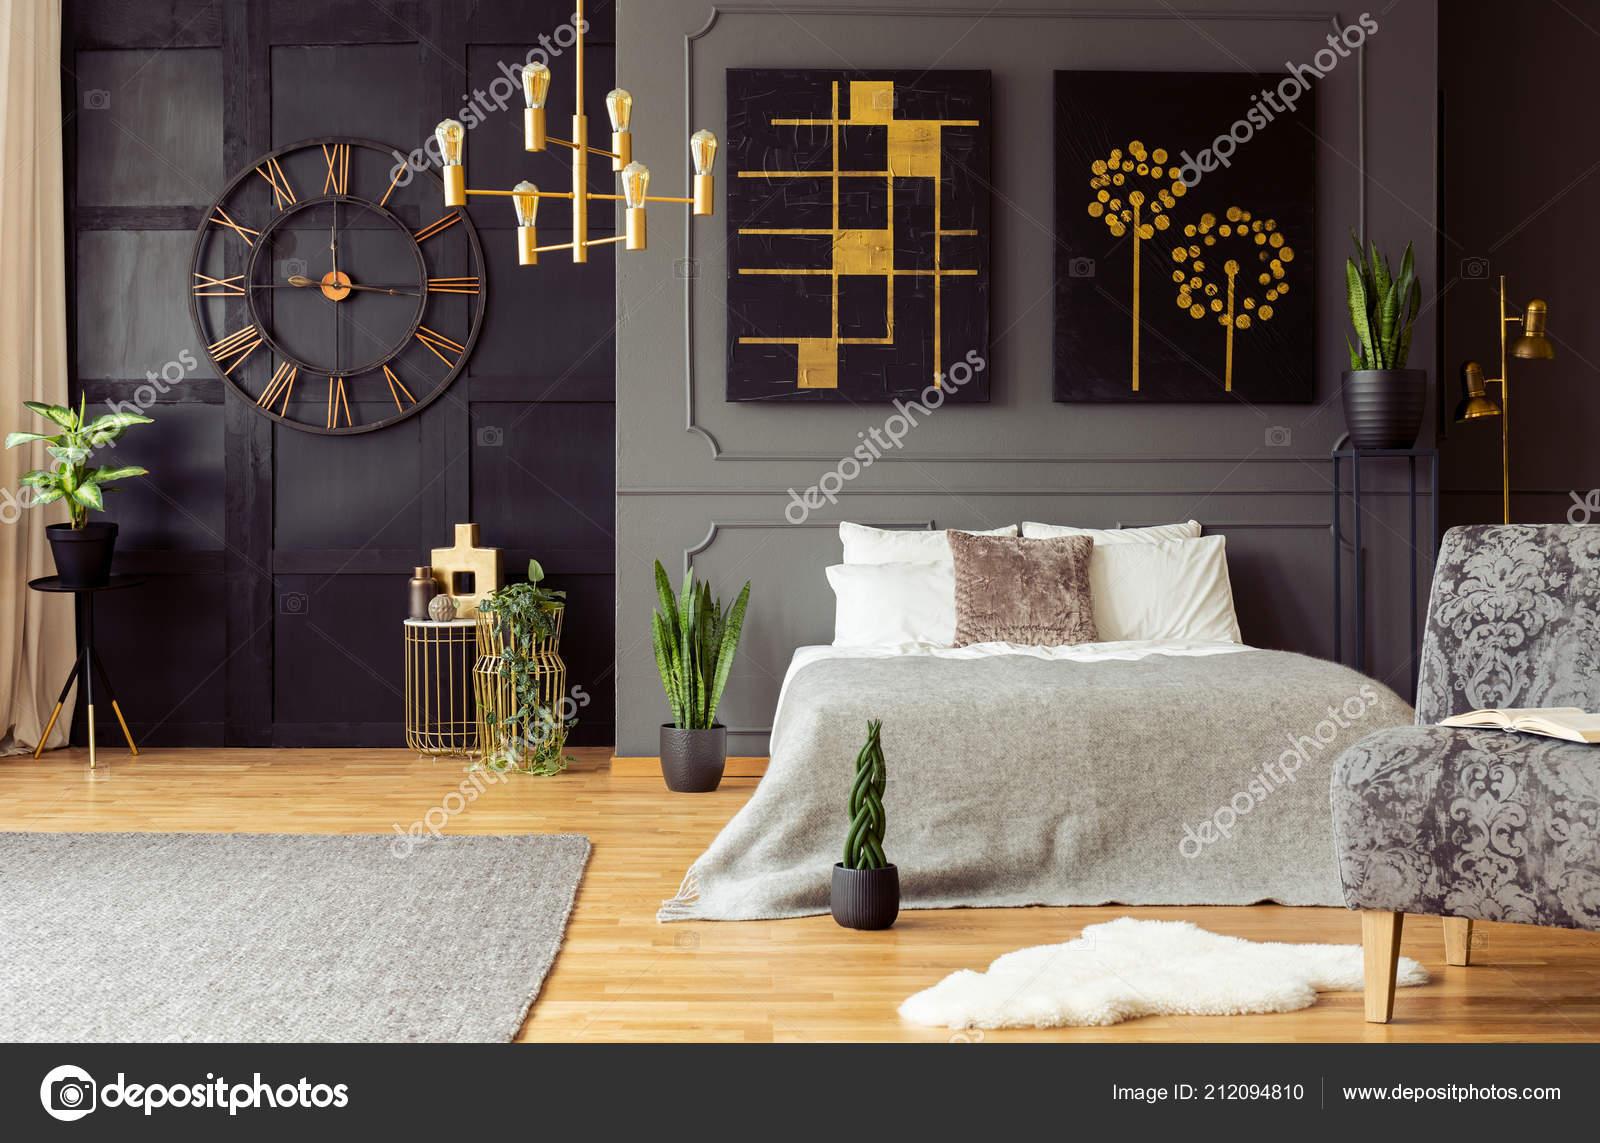 Pianta Camera Da Letto Matrimoniale : Foto reale accenti dorati orologio quadri piante letto